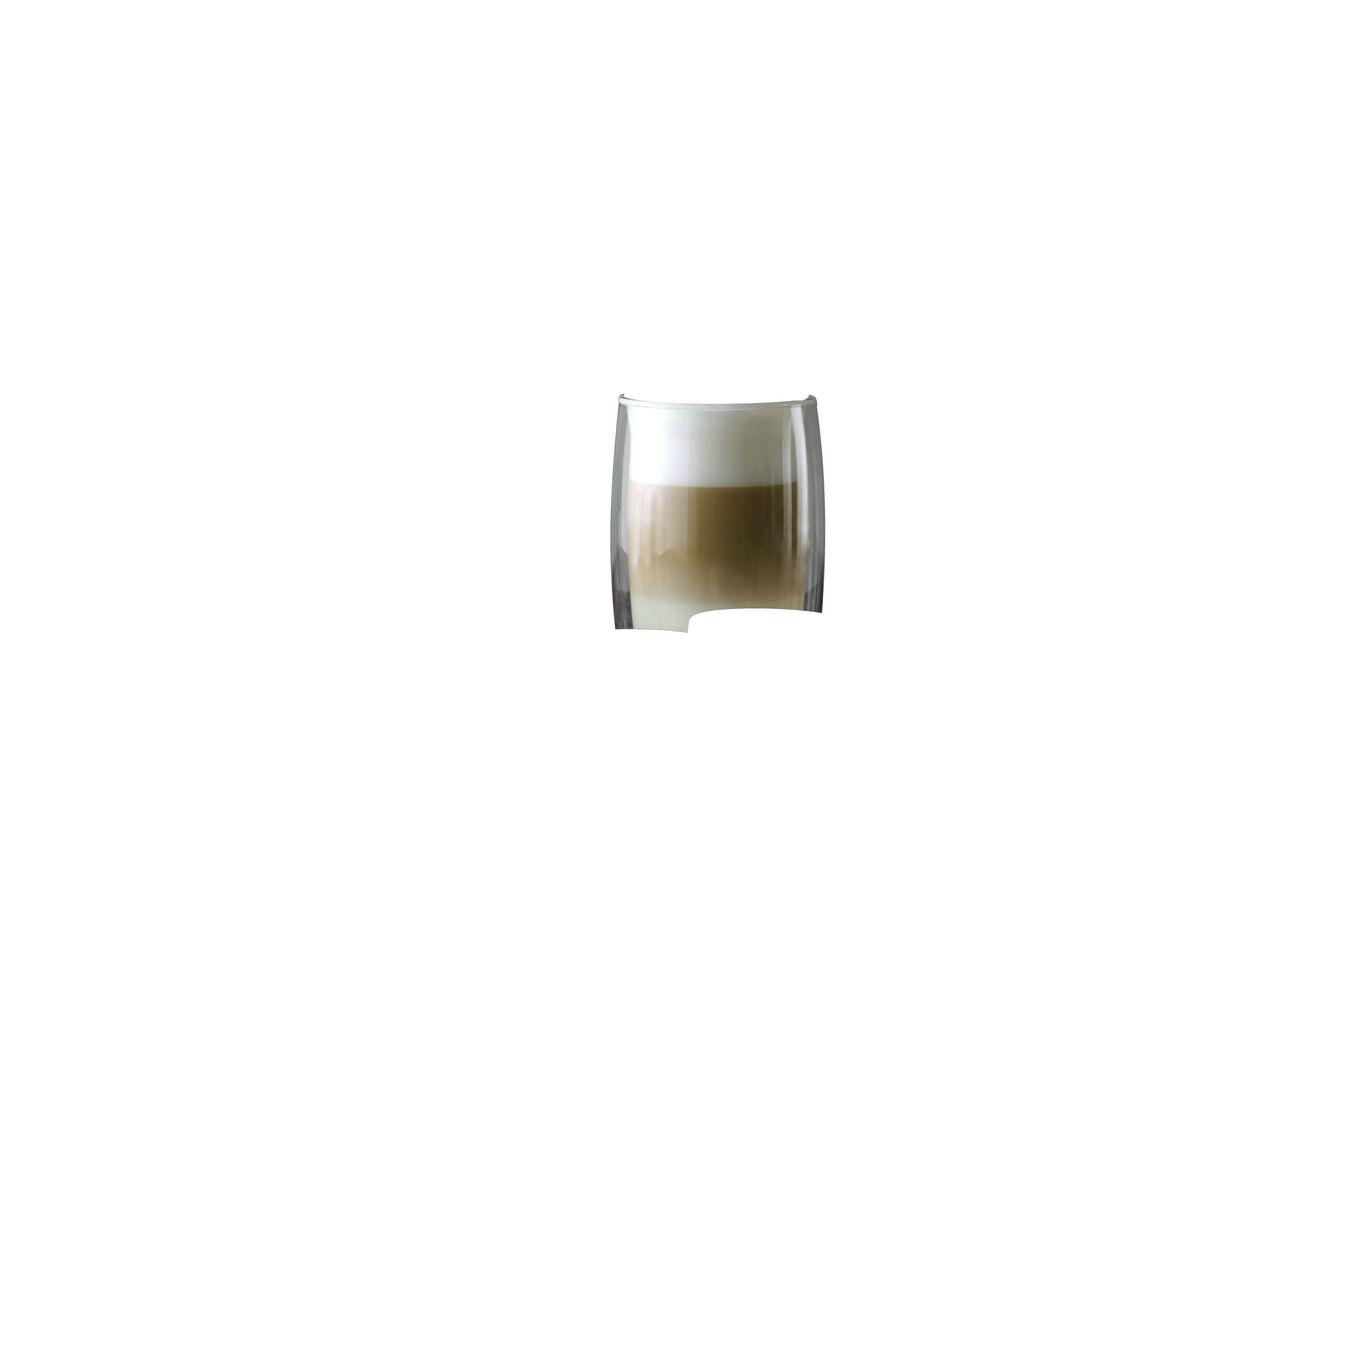 Service de verres à capuccino à double paroi, 2-pces,,large 5